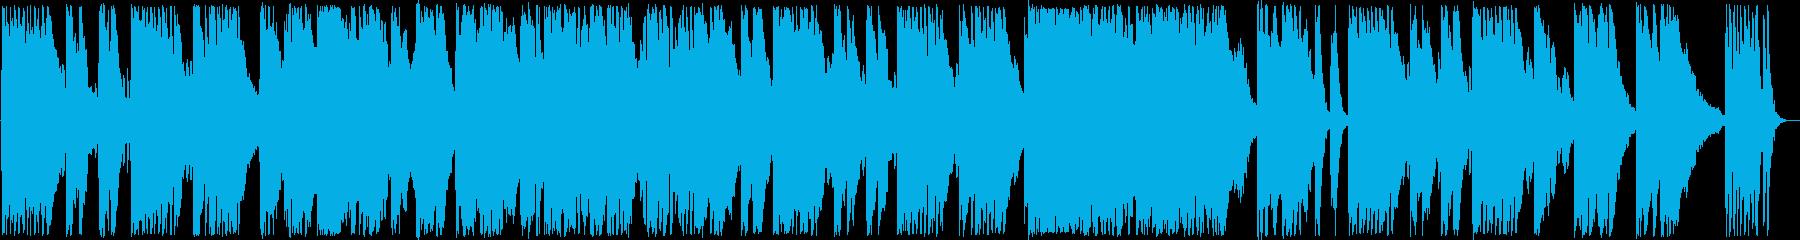 優しいピアノ・バイオリンサウンドの再生済みの波形